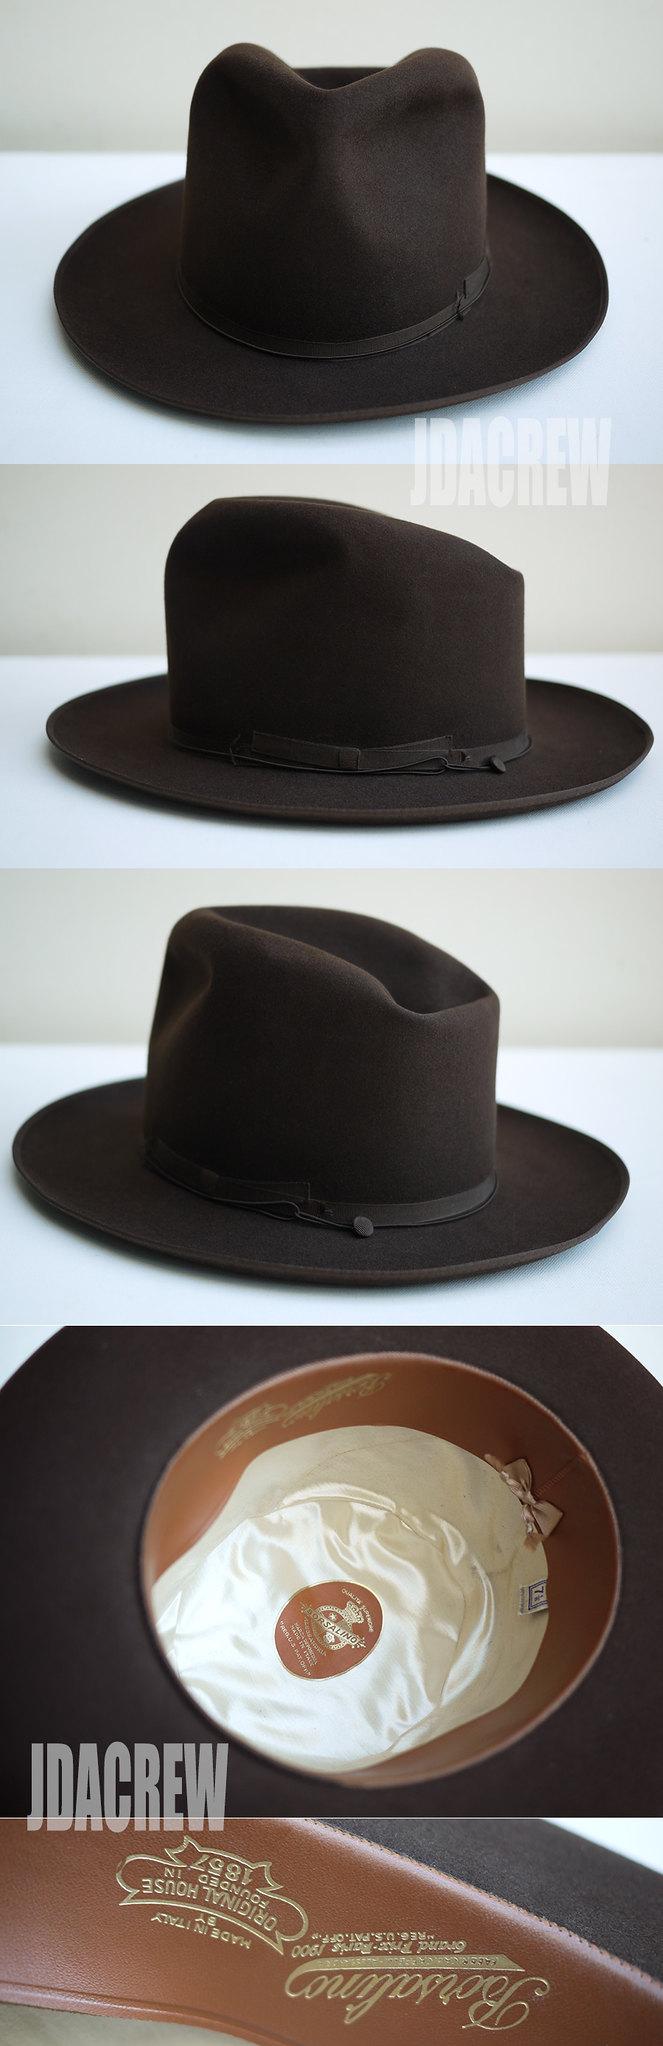 ヴィンテージハットボルサリーノアレックスブラウンハット帽子